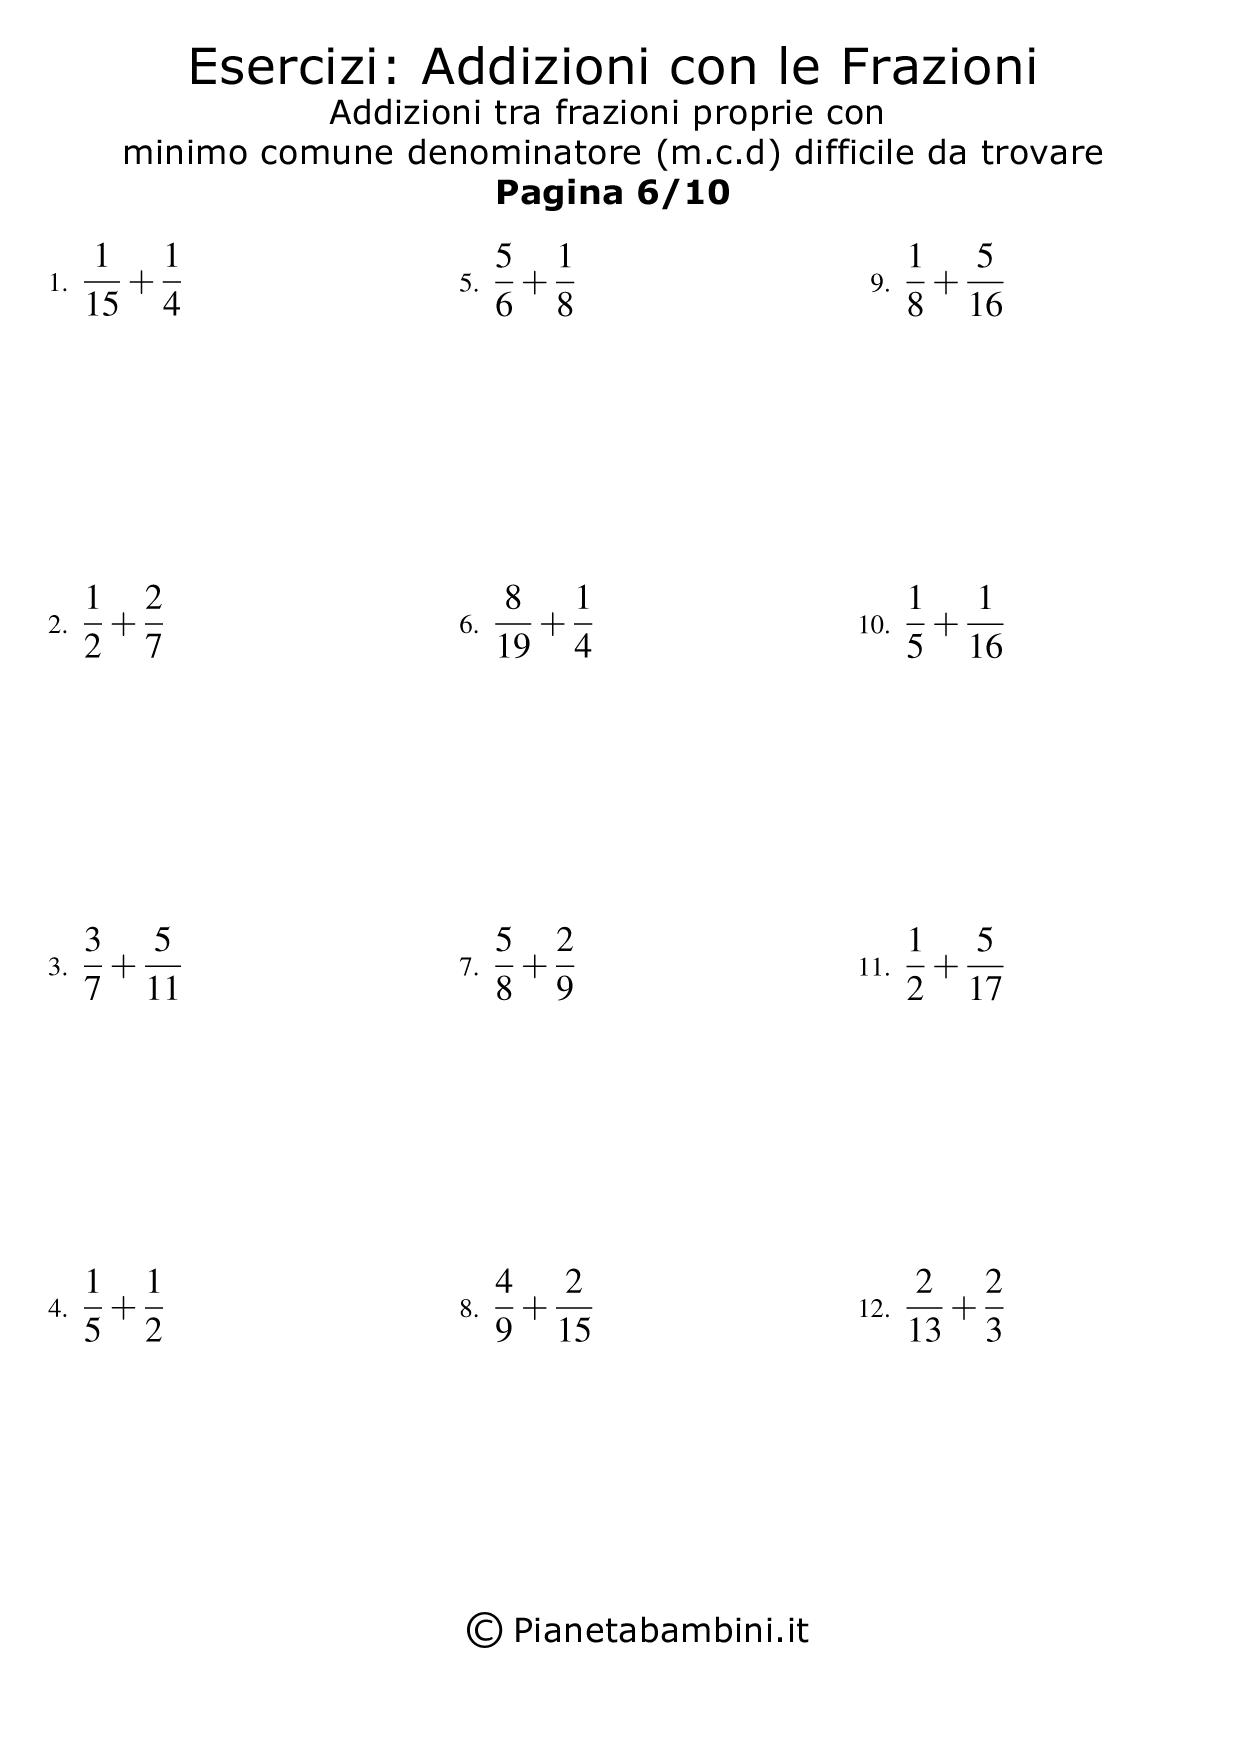 Frazioni-Facili-m.c.d-difficile_06